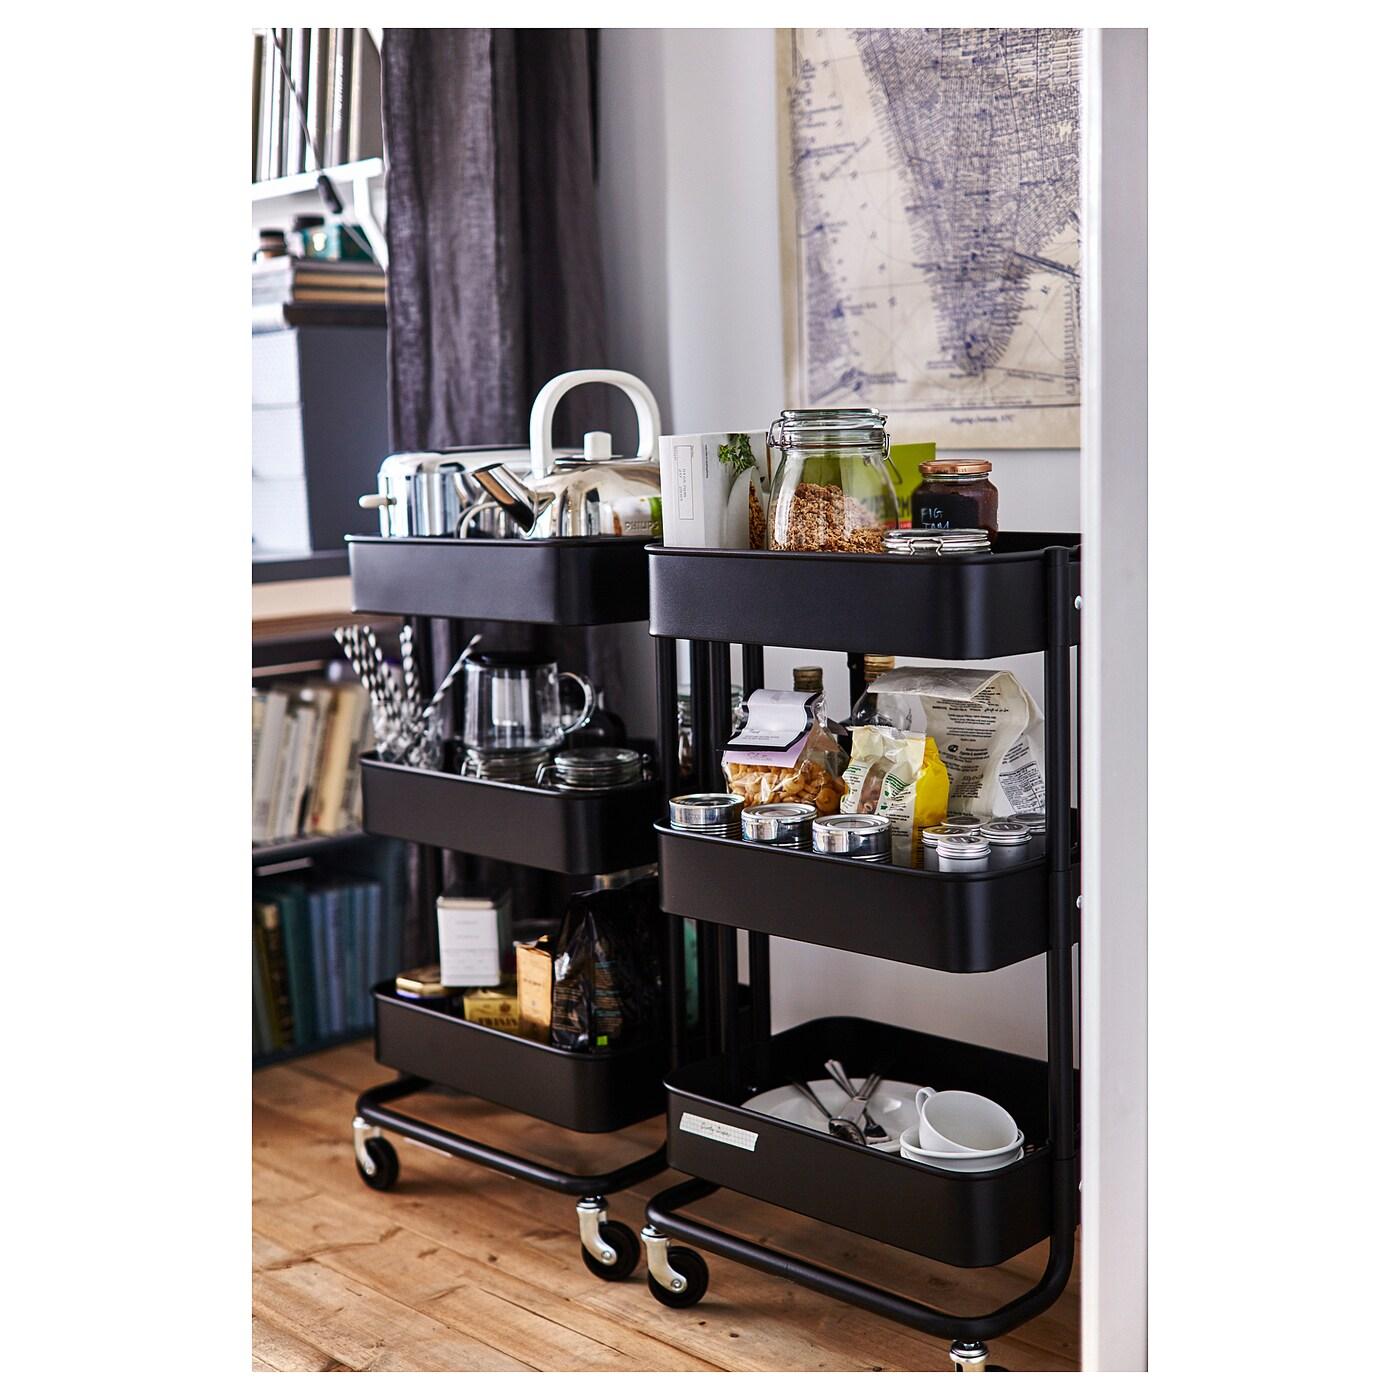 RÅSKOG Carrito negro 35x45x78 cm